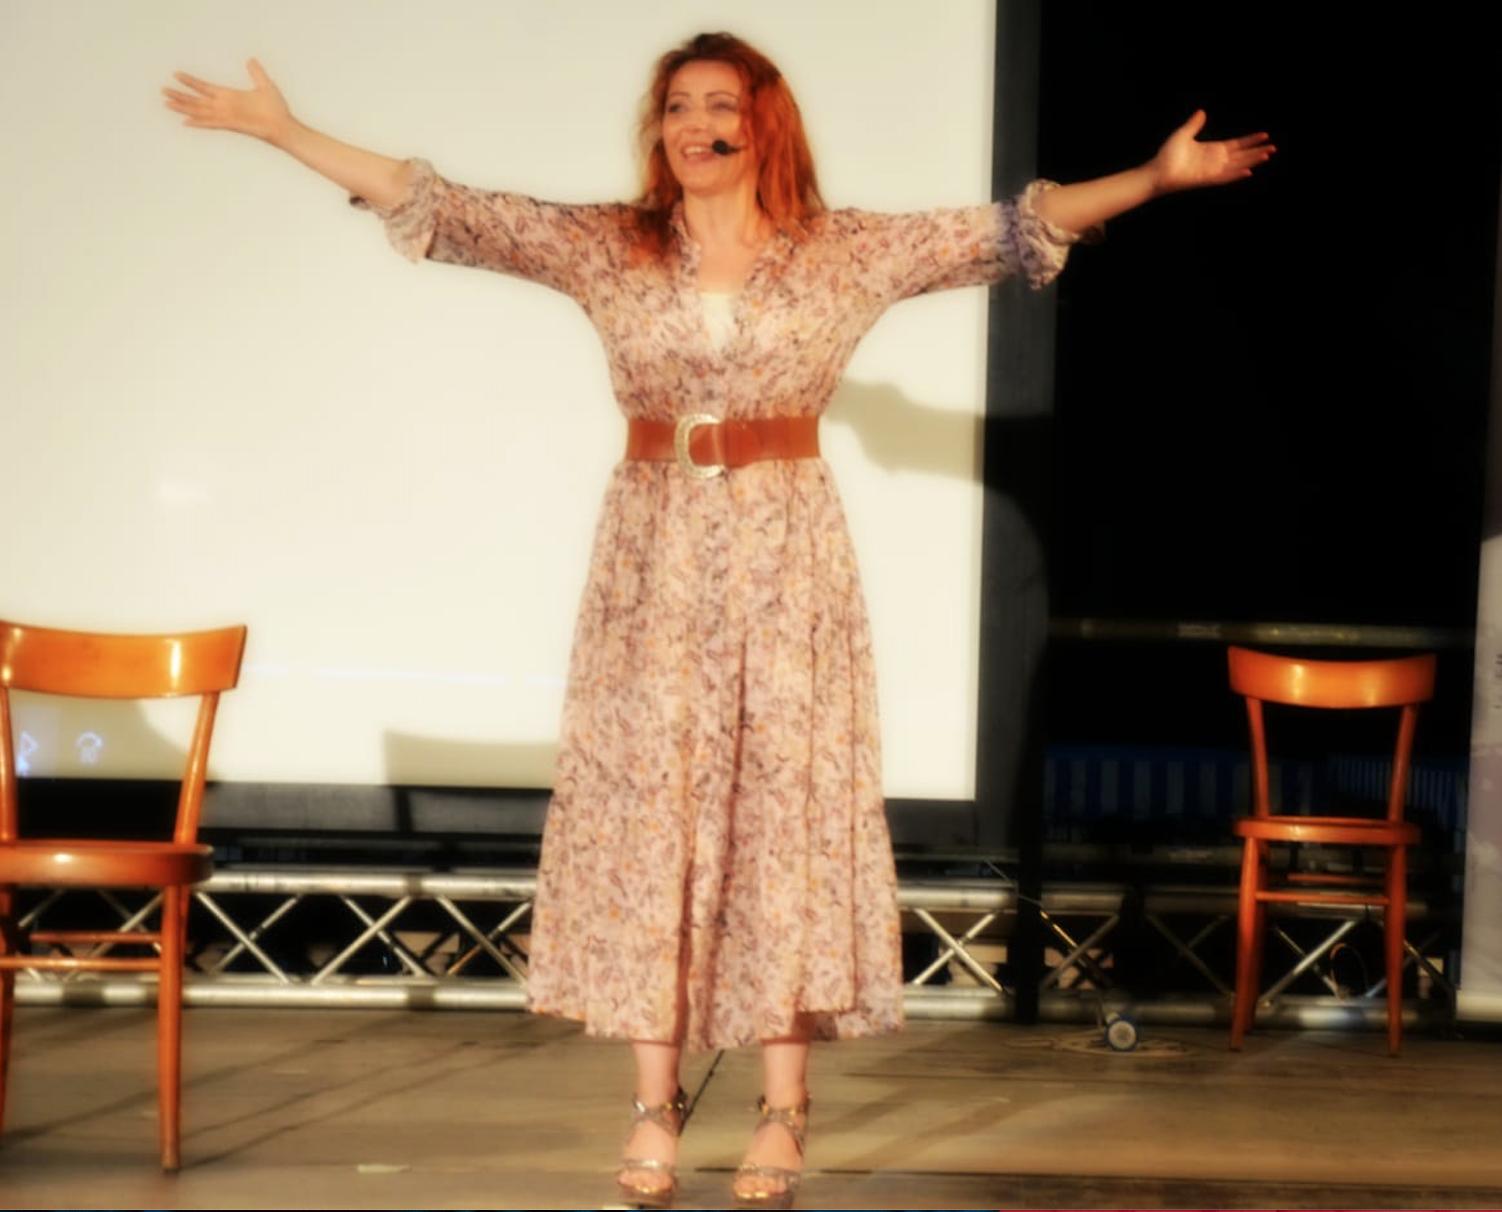 Bella serata a Spotorno, malgrado i 567 gradi sul palco, con il mio monologo EINSTEIN & ME! Ecco il racconto…